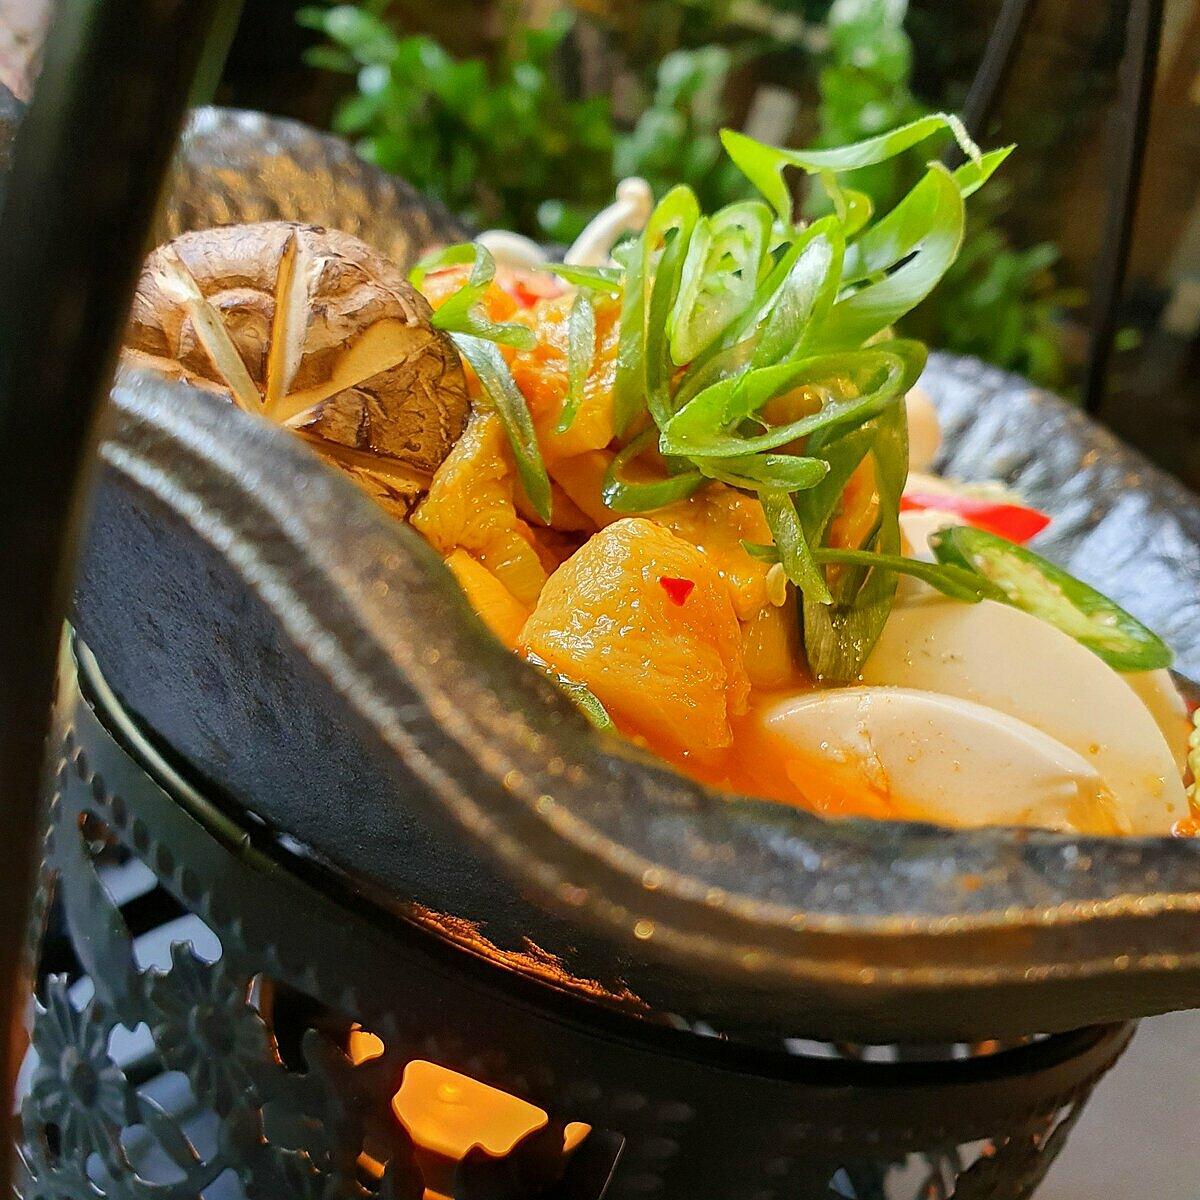 Một số món ăn chế biến từ Hoya sâm biển Nhật Bản